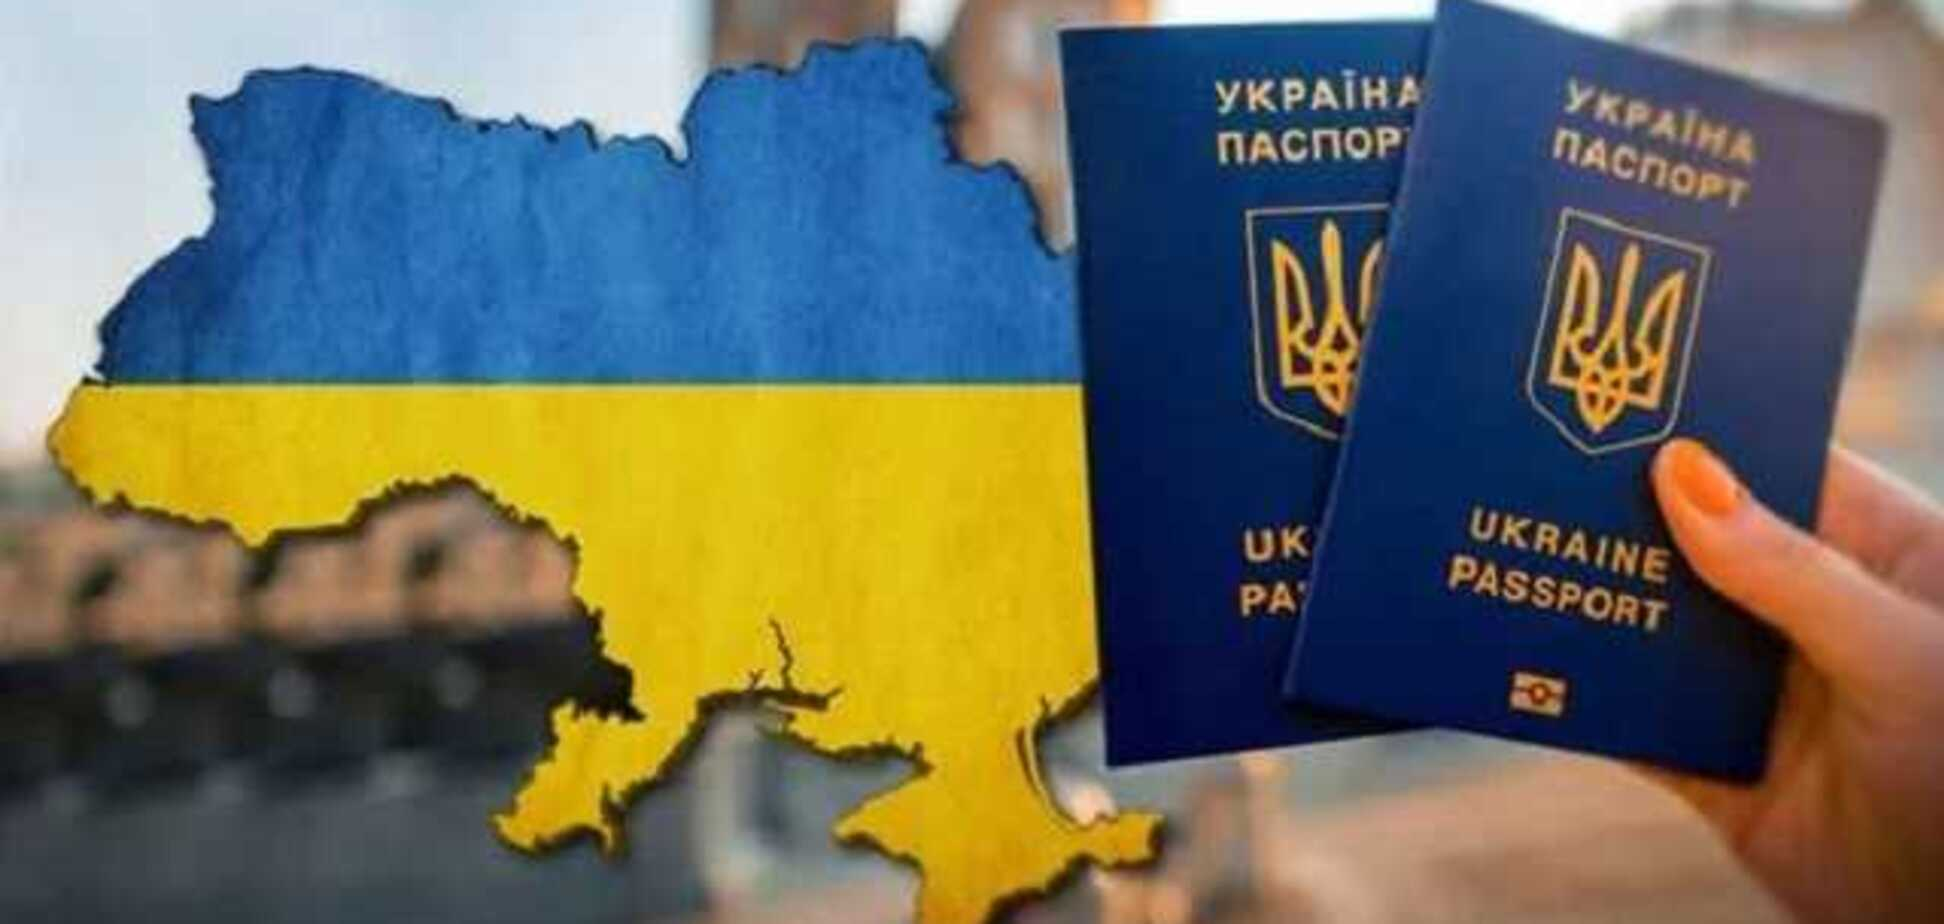 Пандемія коронавируса не вплине на безвіз між Україною та ЄС